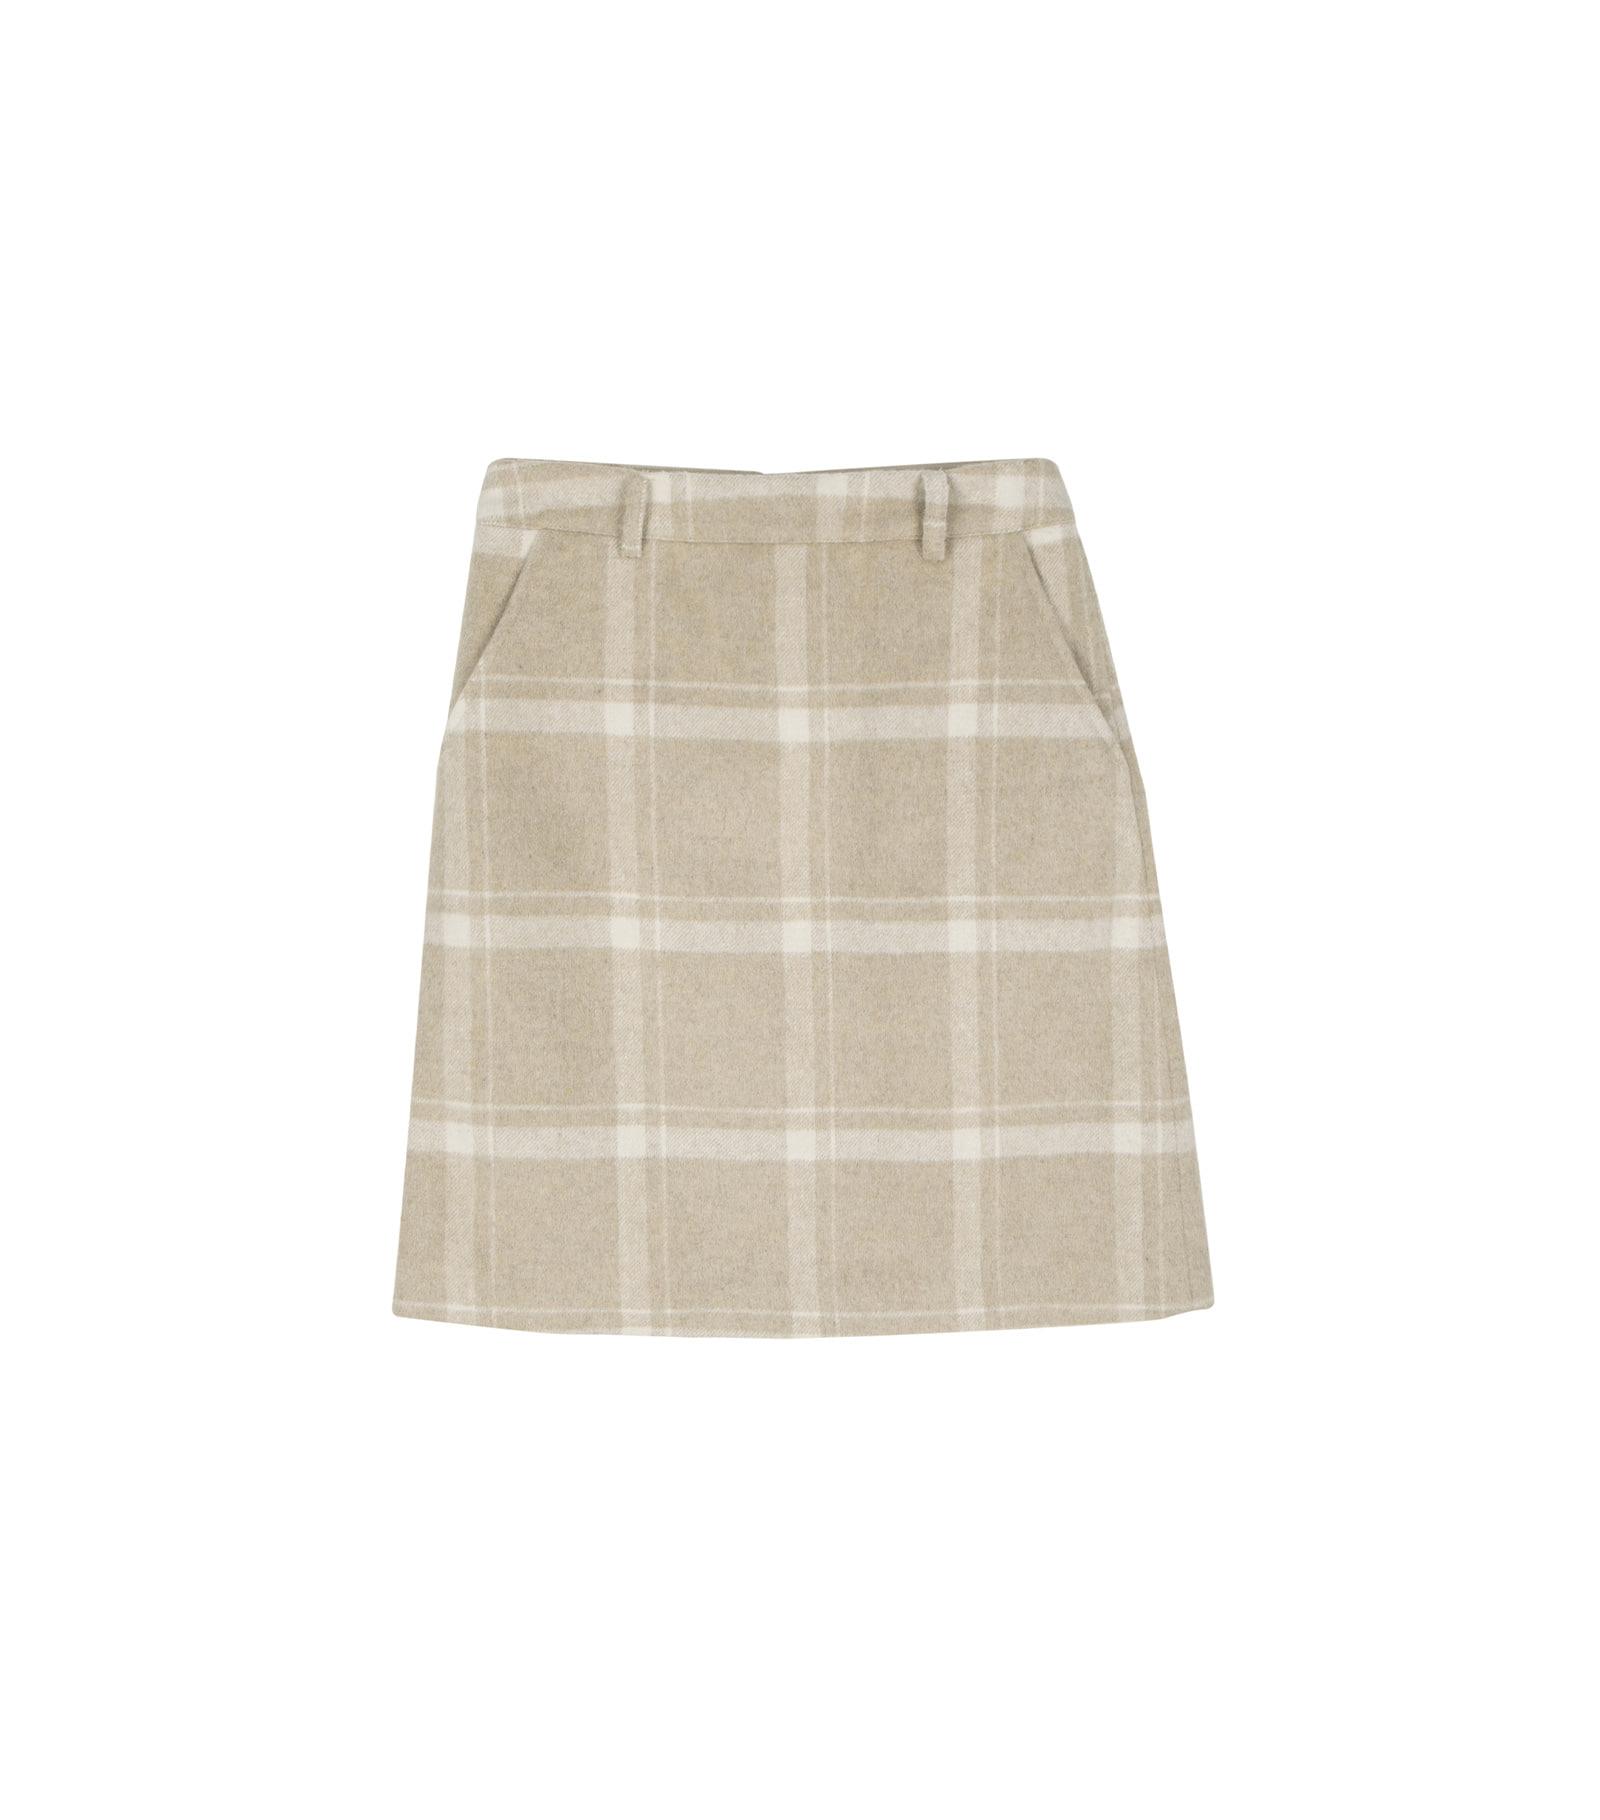 Whiz check midi skirt